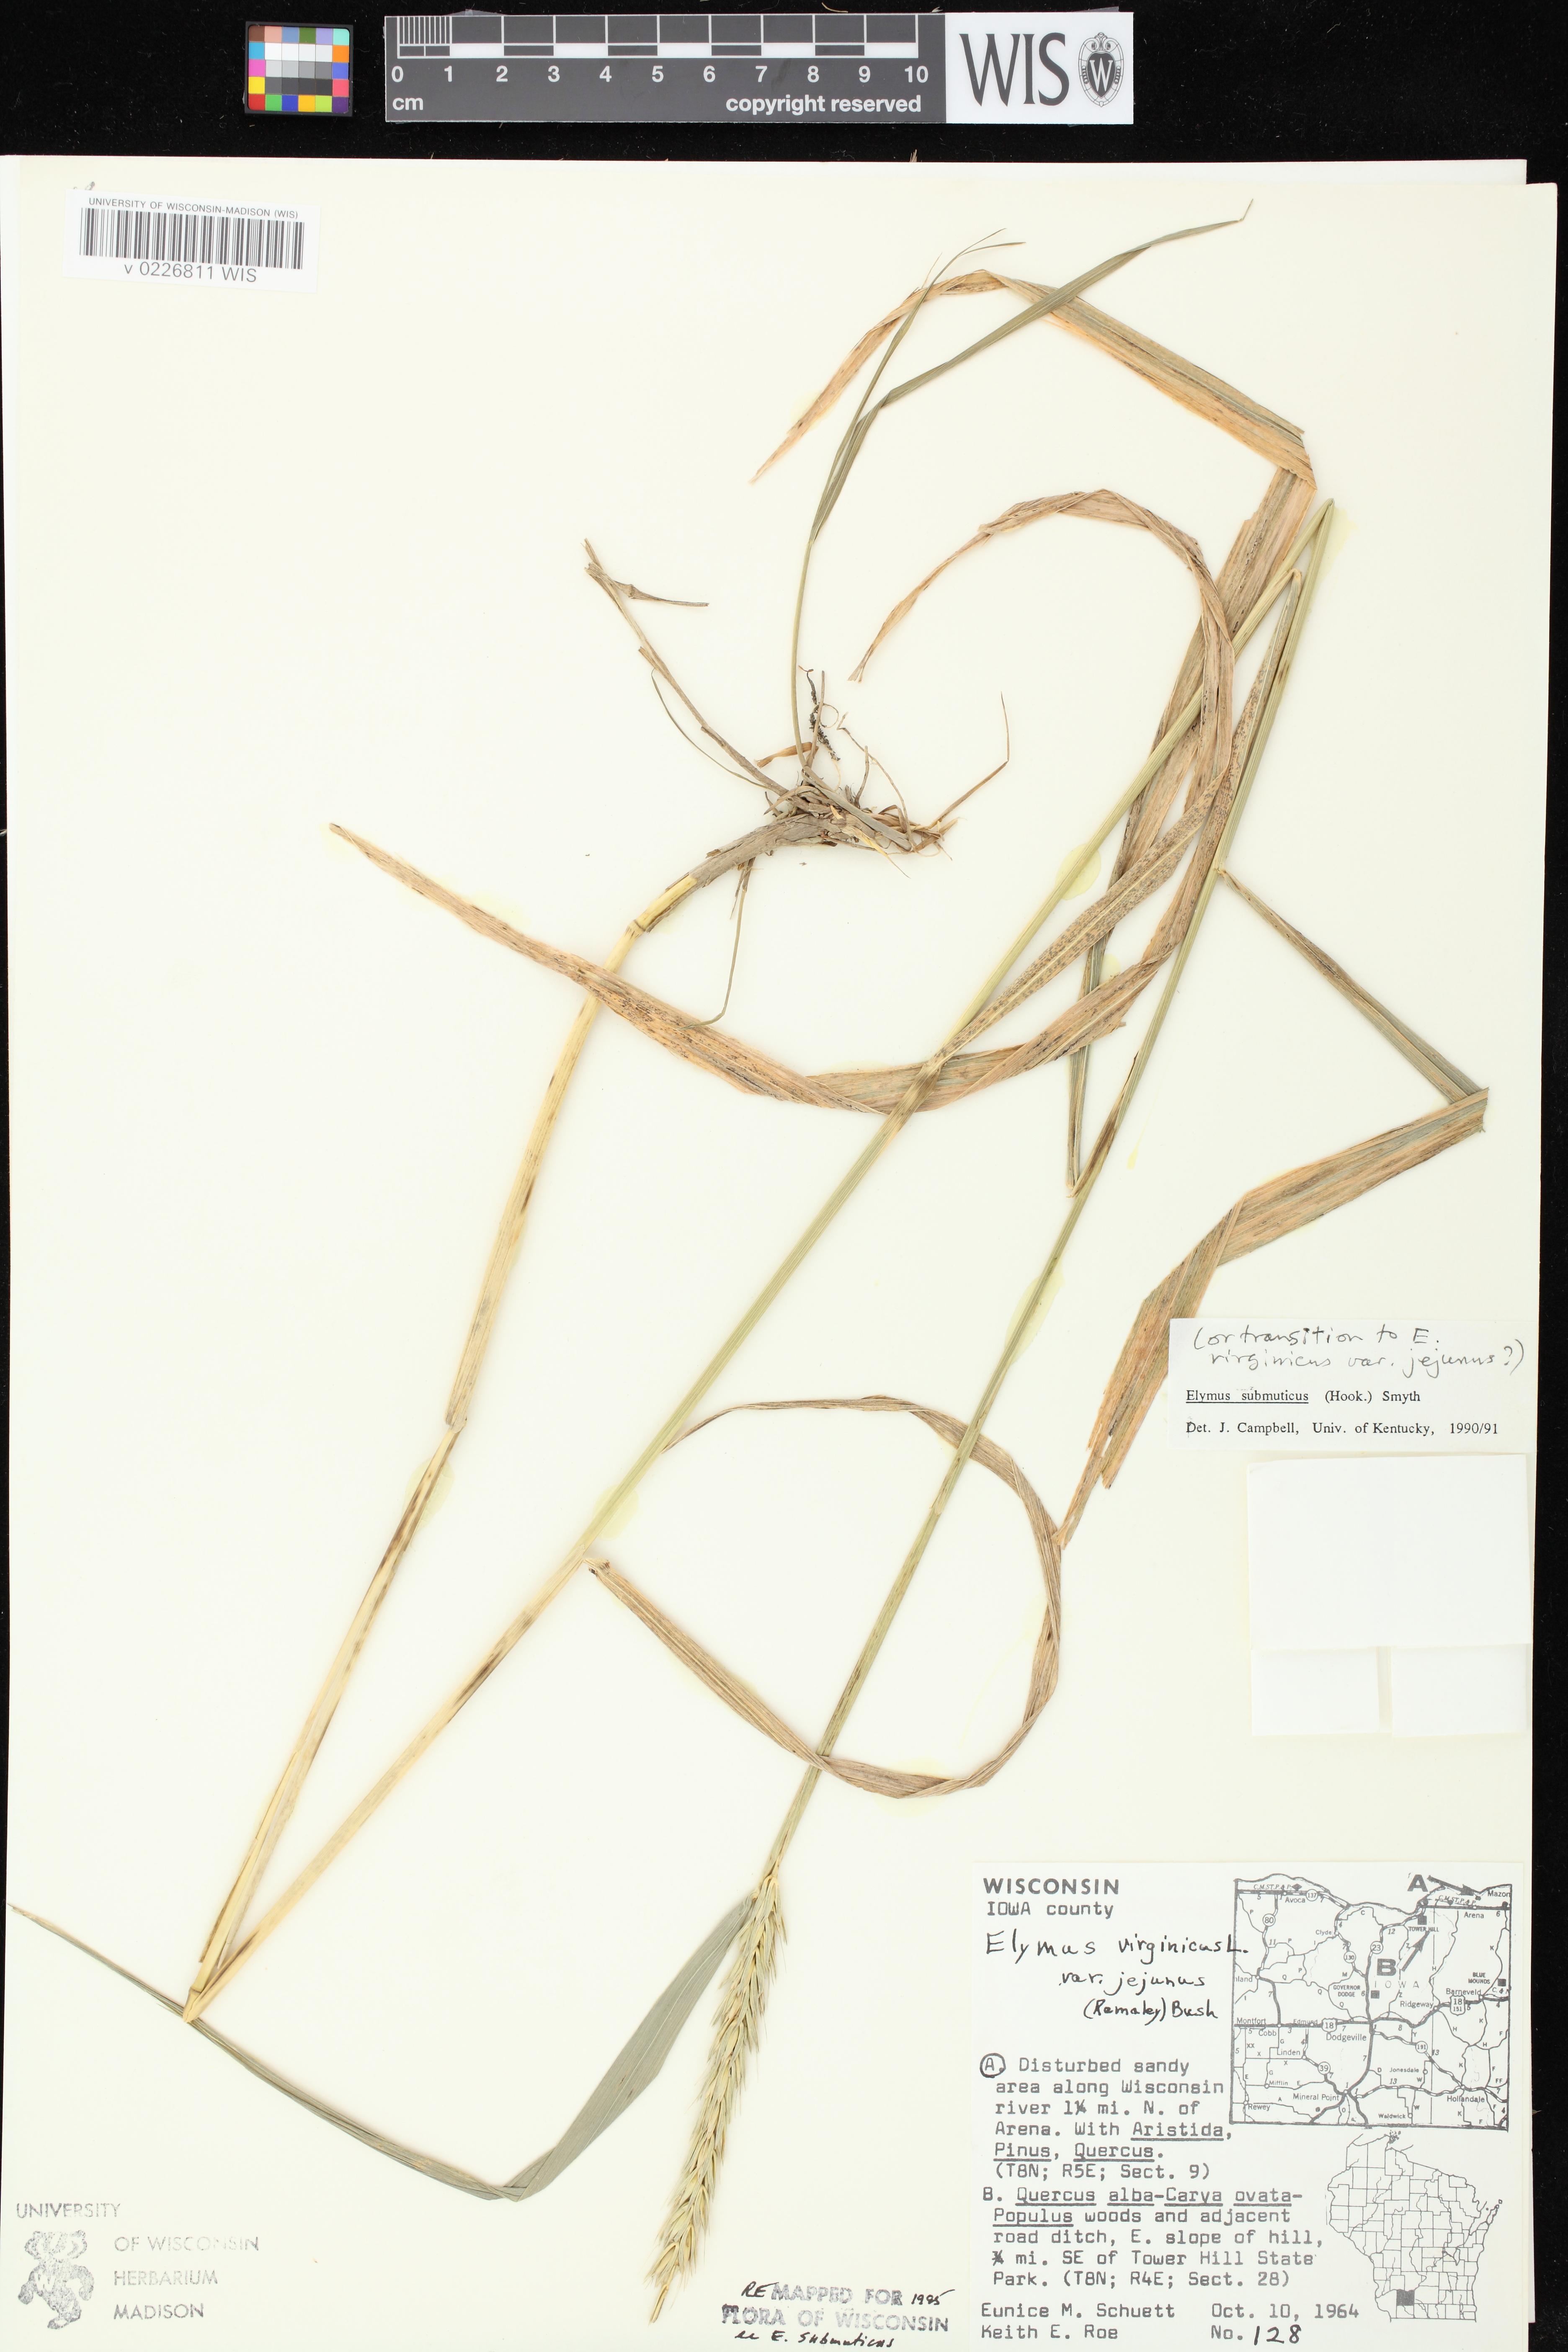 Image of Elymus curvatus